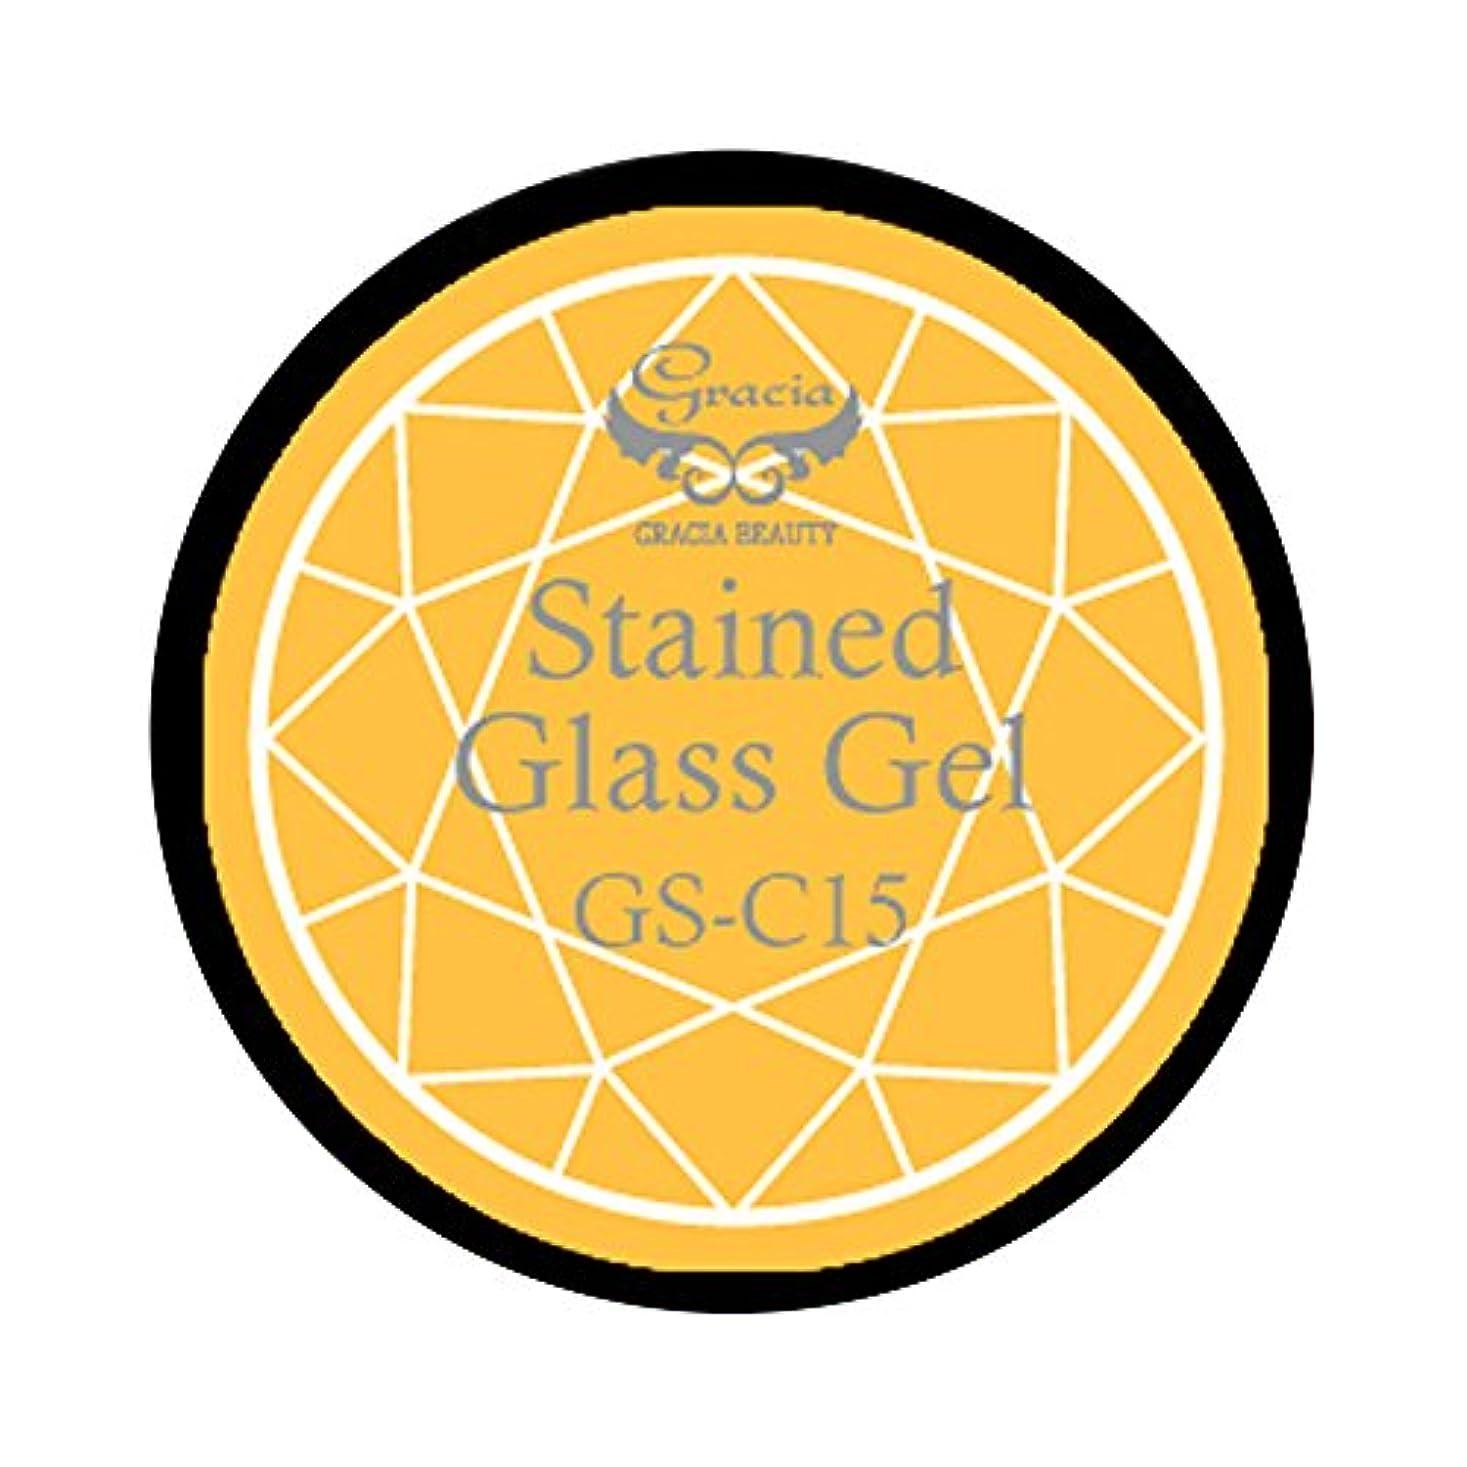 卒業アロング小人グラシア ジェルネイル ステンドグラスジェル GSM-C15 3g